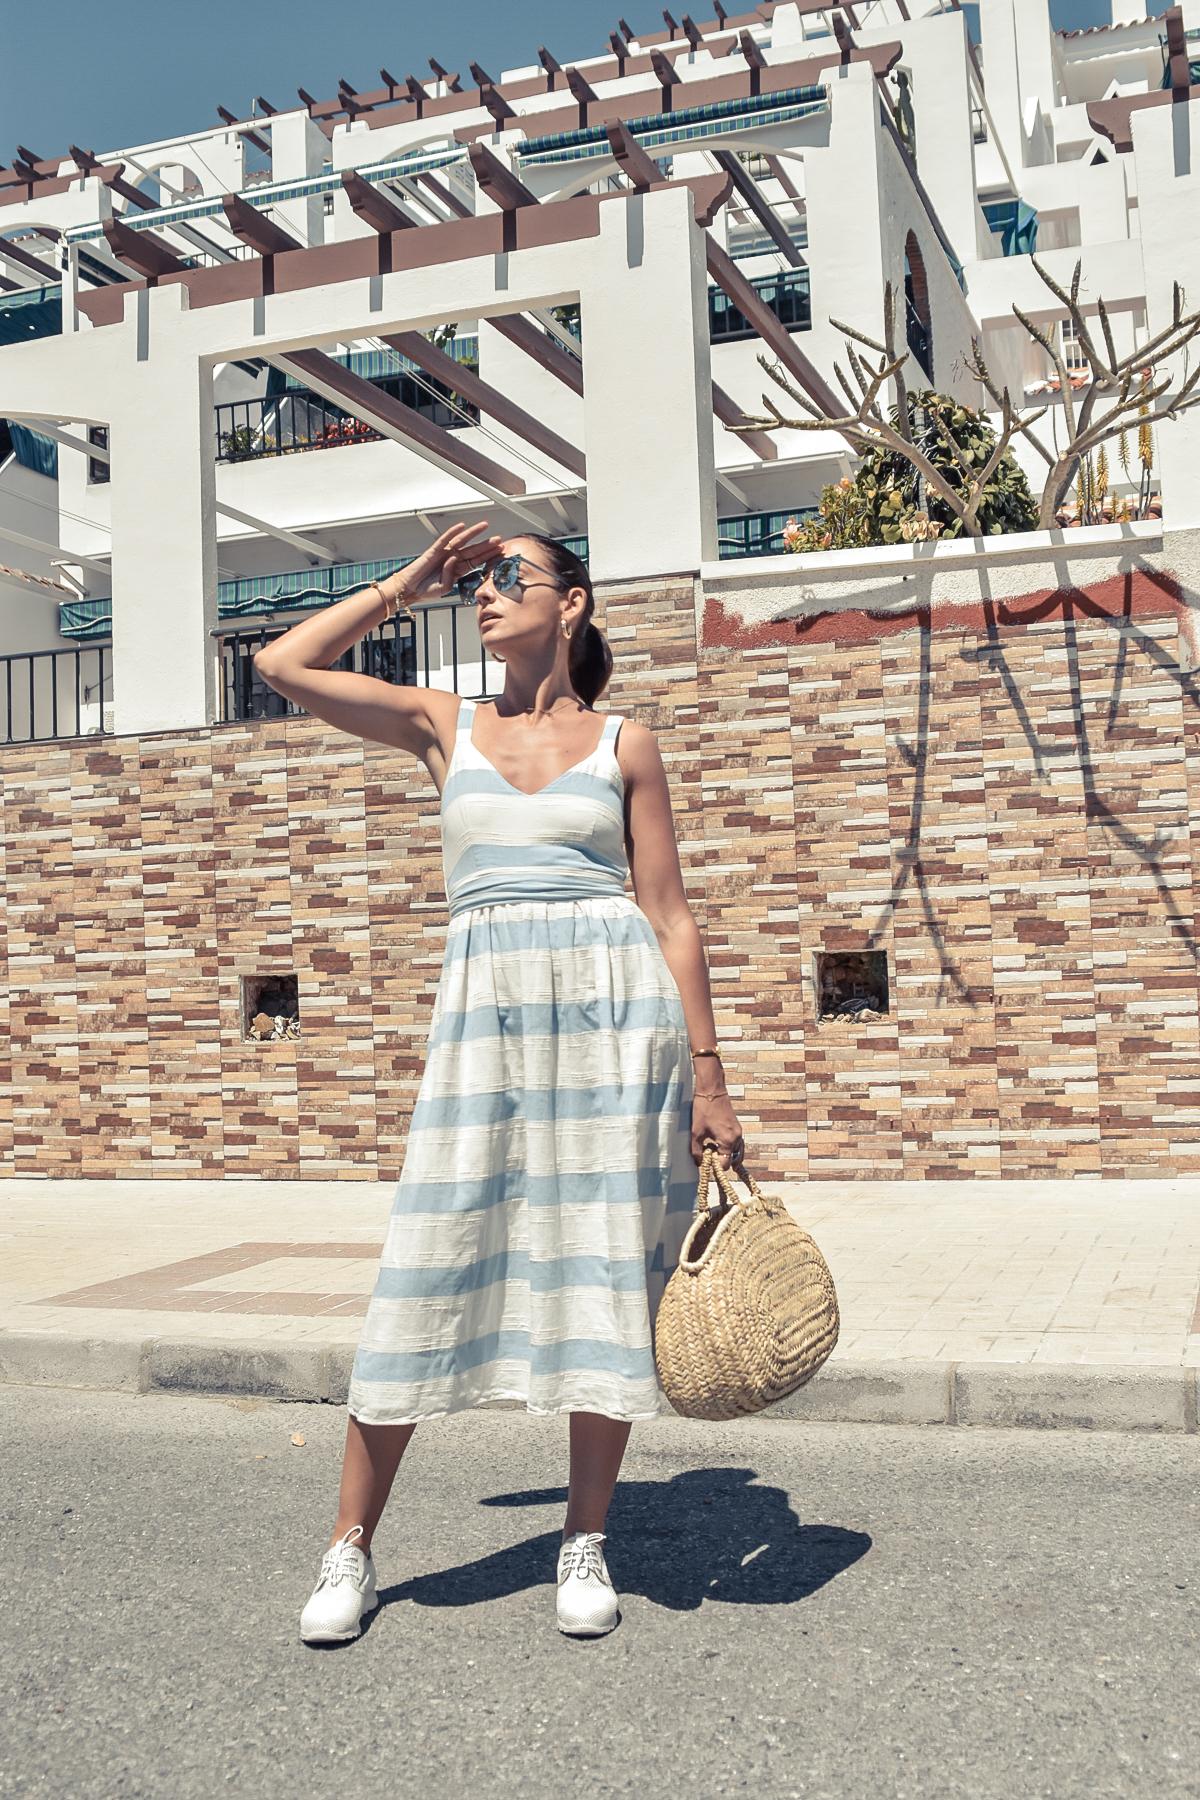 3-el-blog-de-silvia-vestido-rayas-azul-blanco-marbella